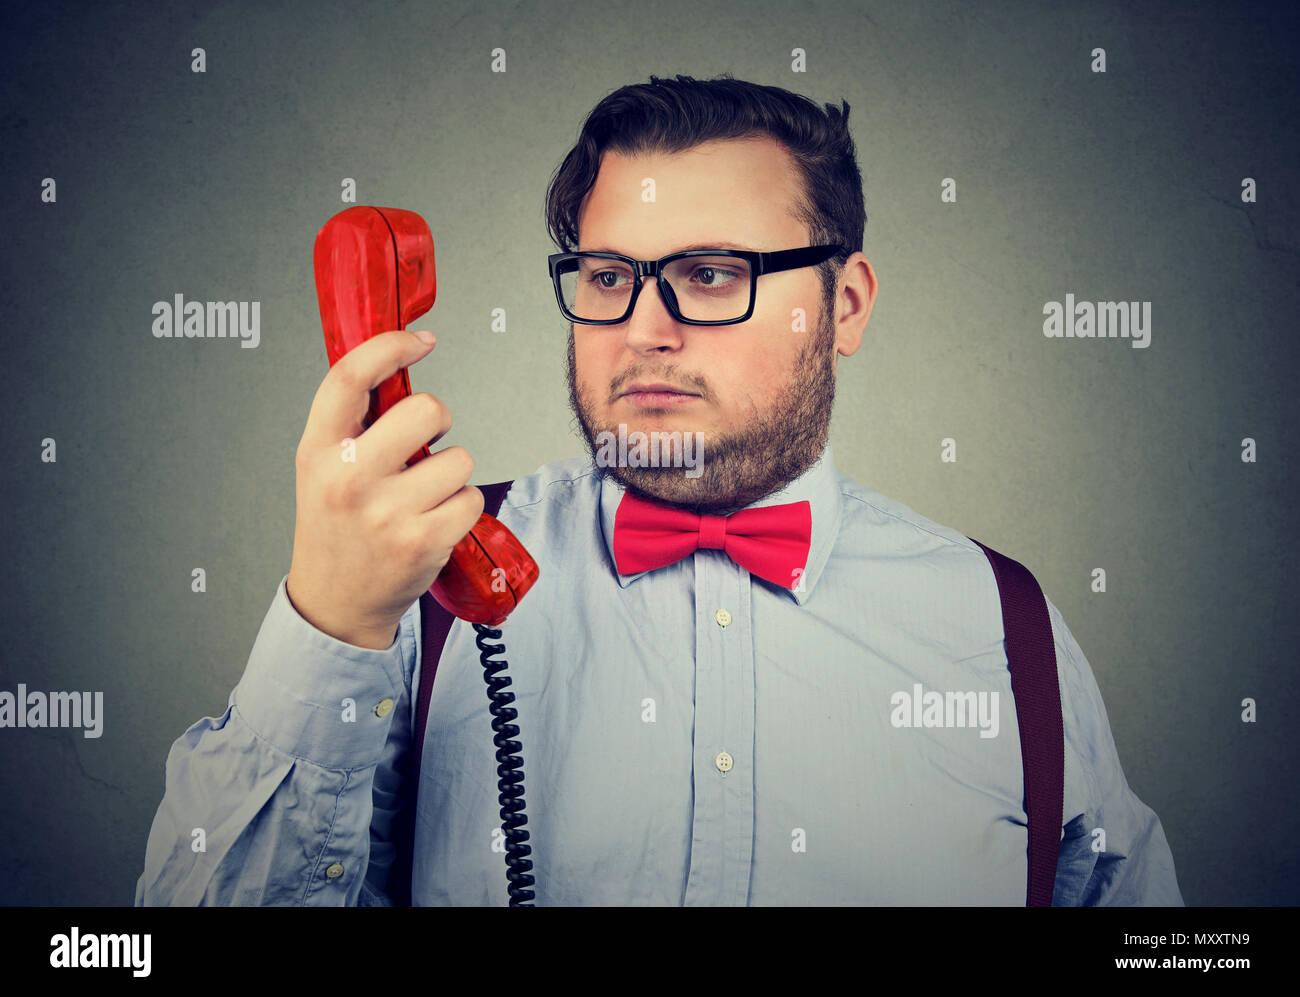 Formale di paffuto uomo nel filtro bow tie e bicchieri guardando il ricevitore in caso di dubbi e malintesi su grigio Immagini Stock